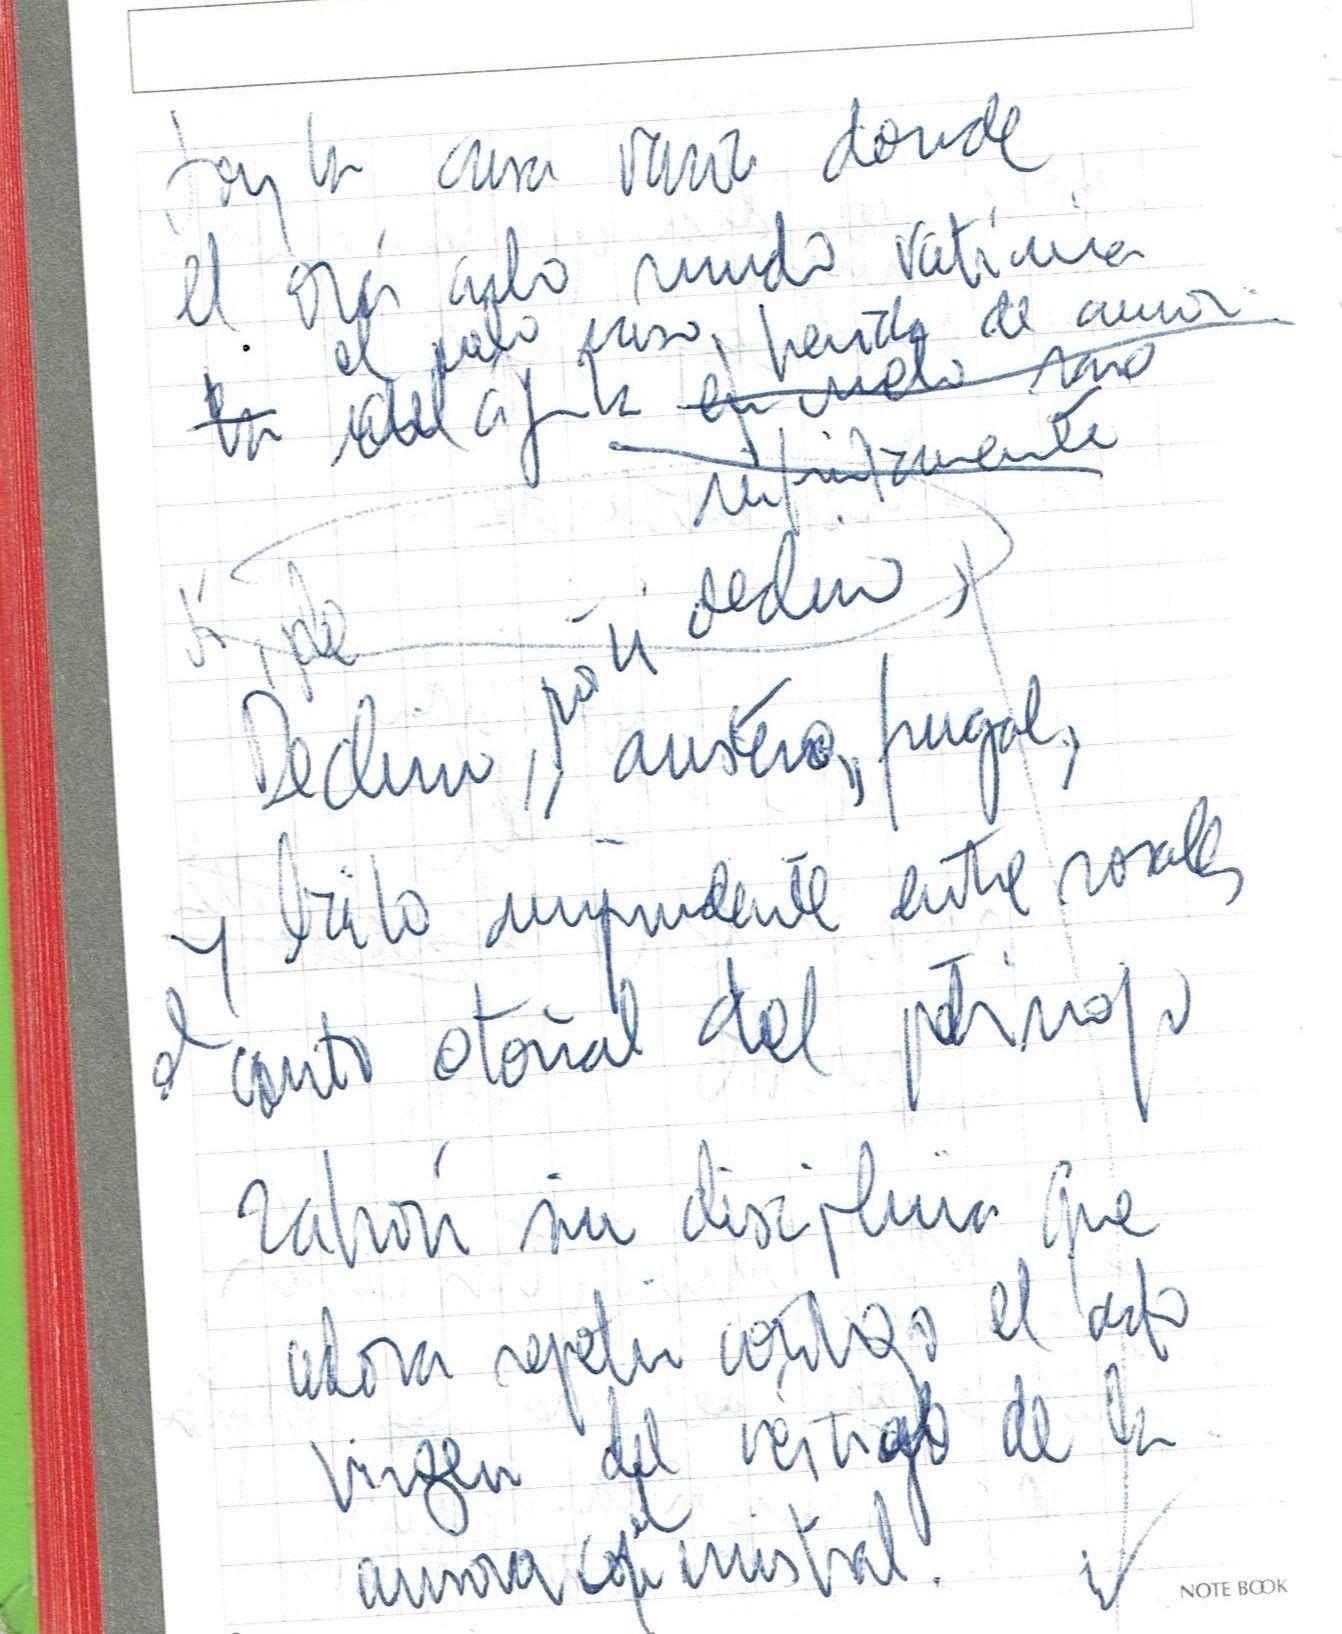 Soy la casa vacía donde Texto manuscrito nº 28